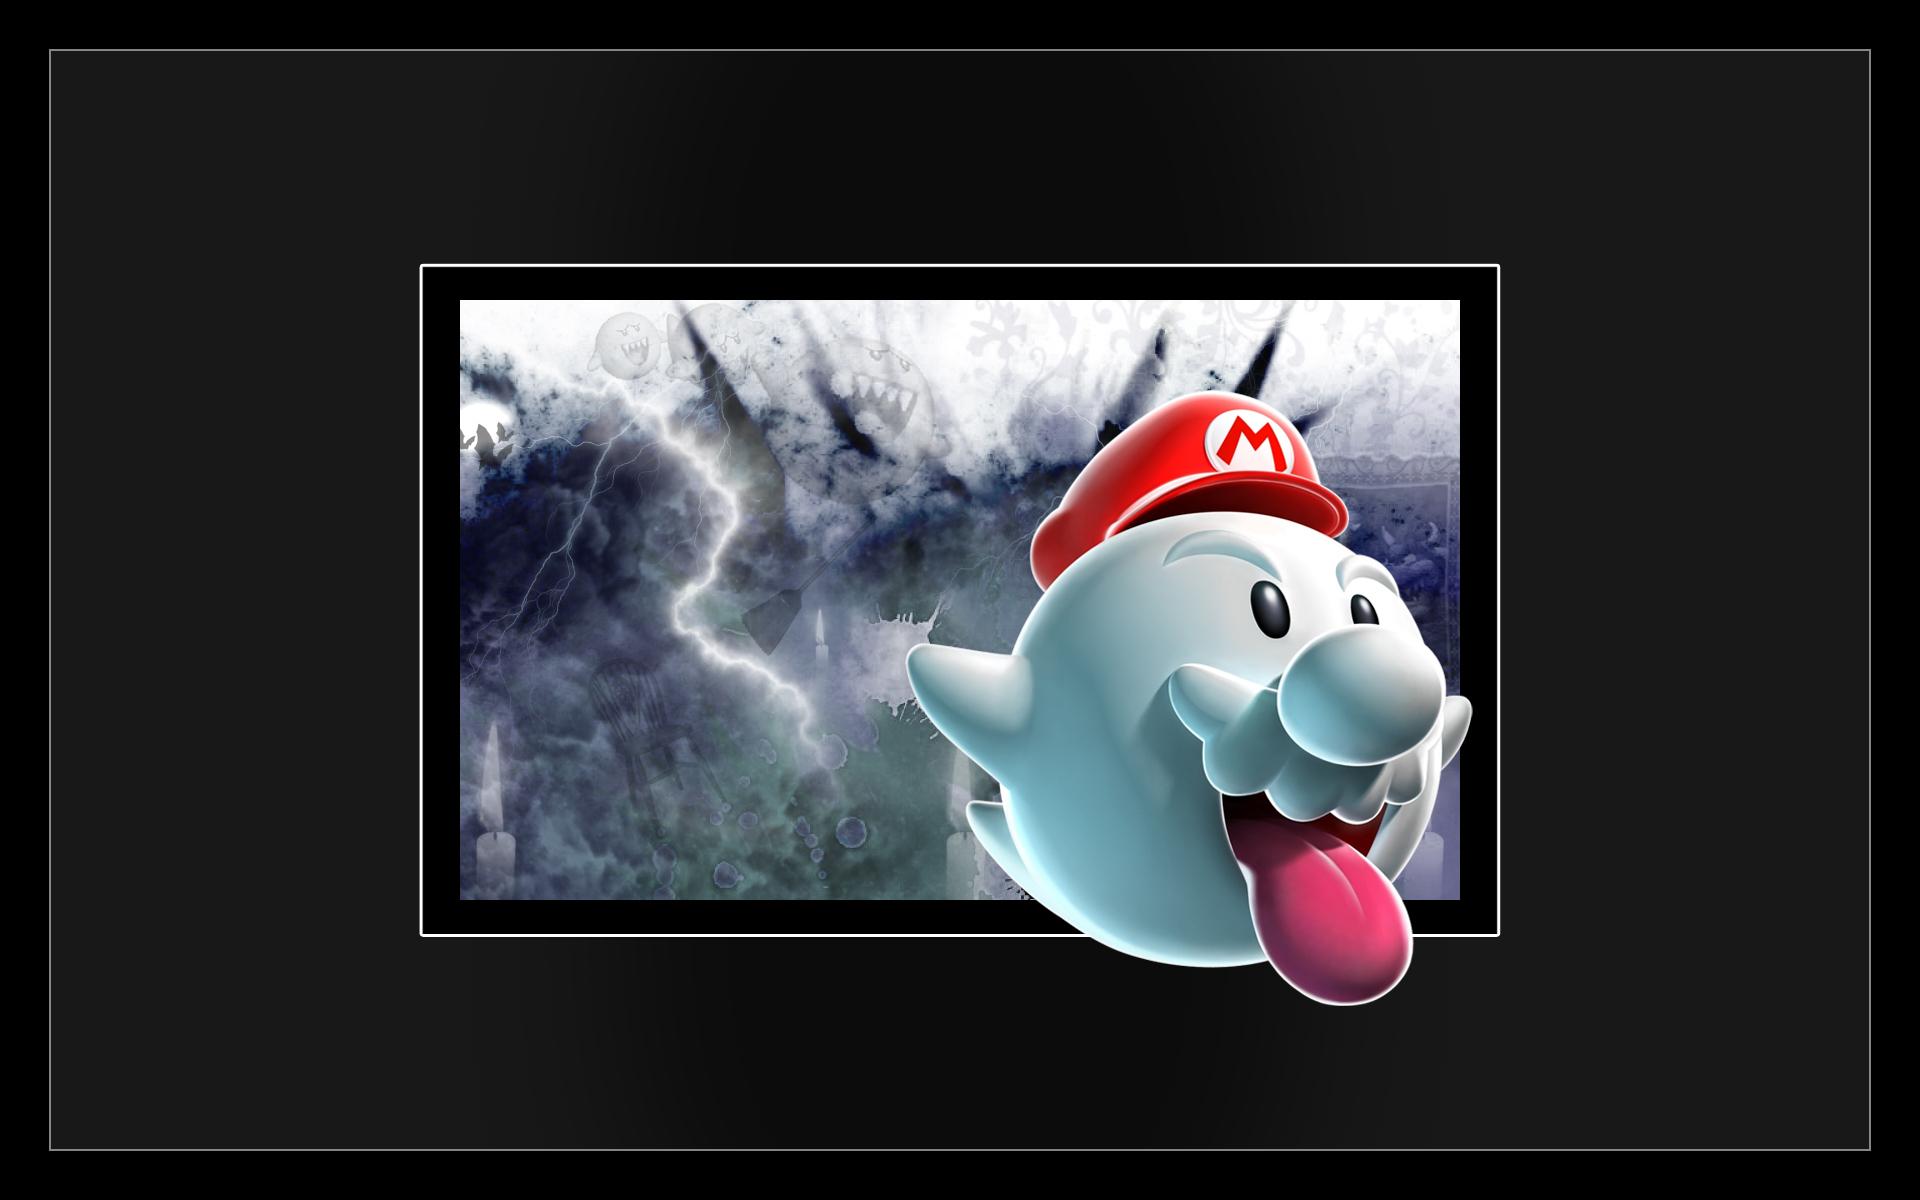 Mario Design Series